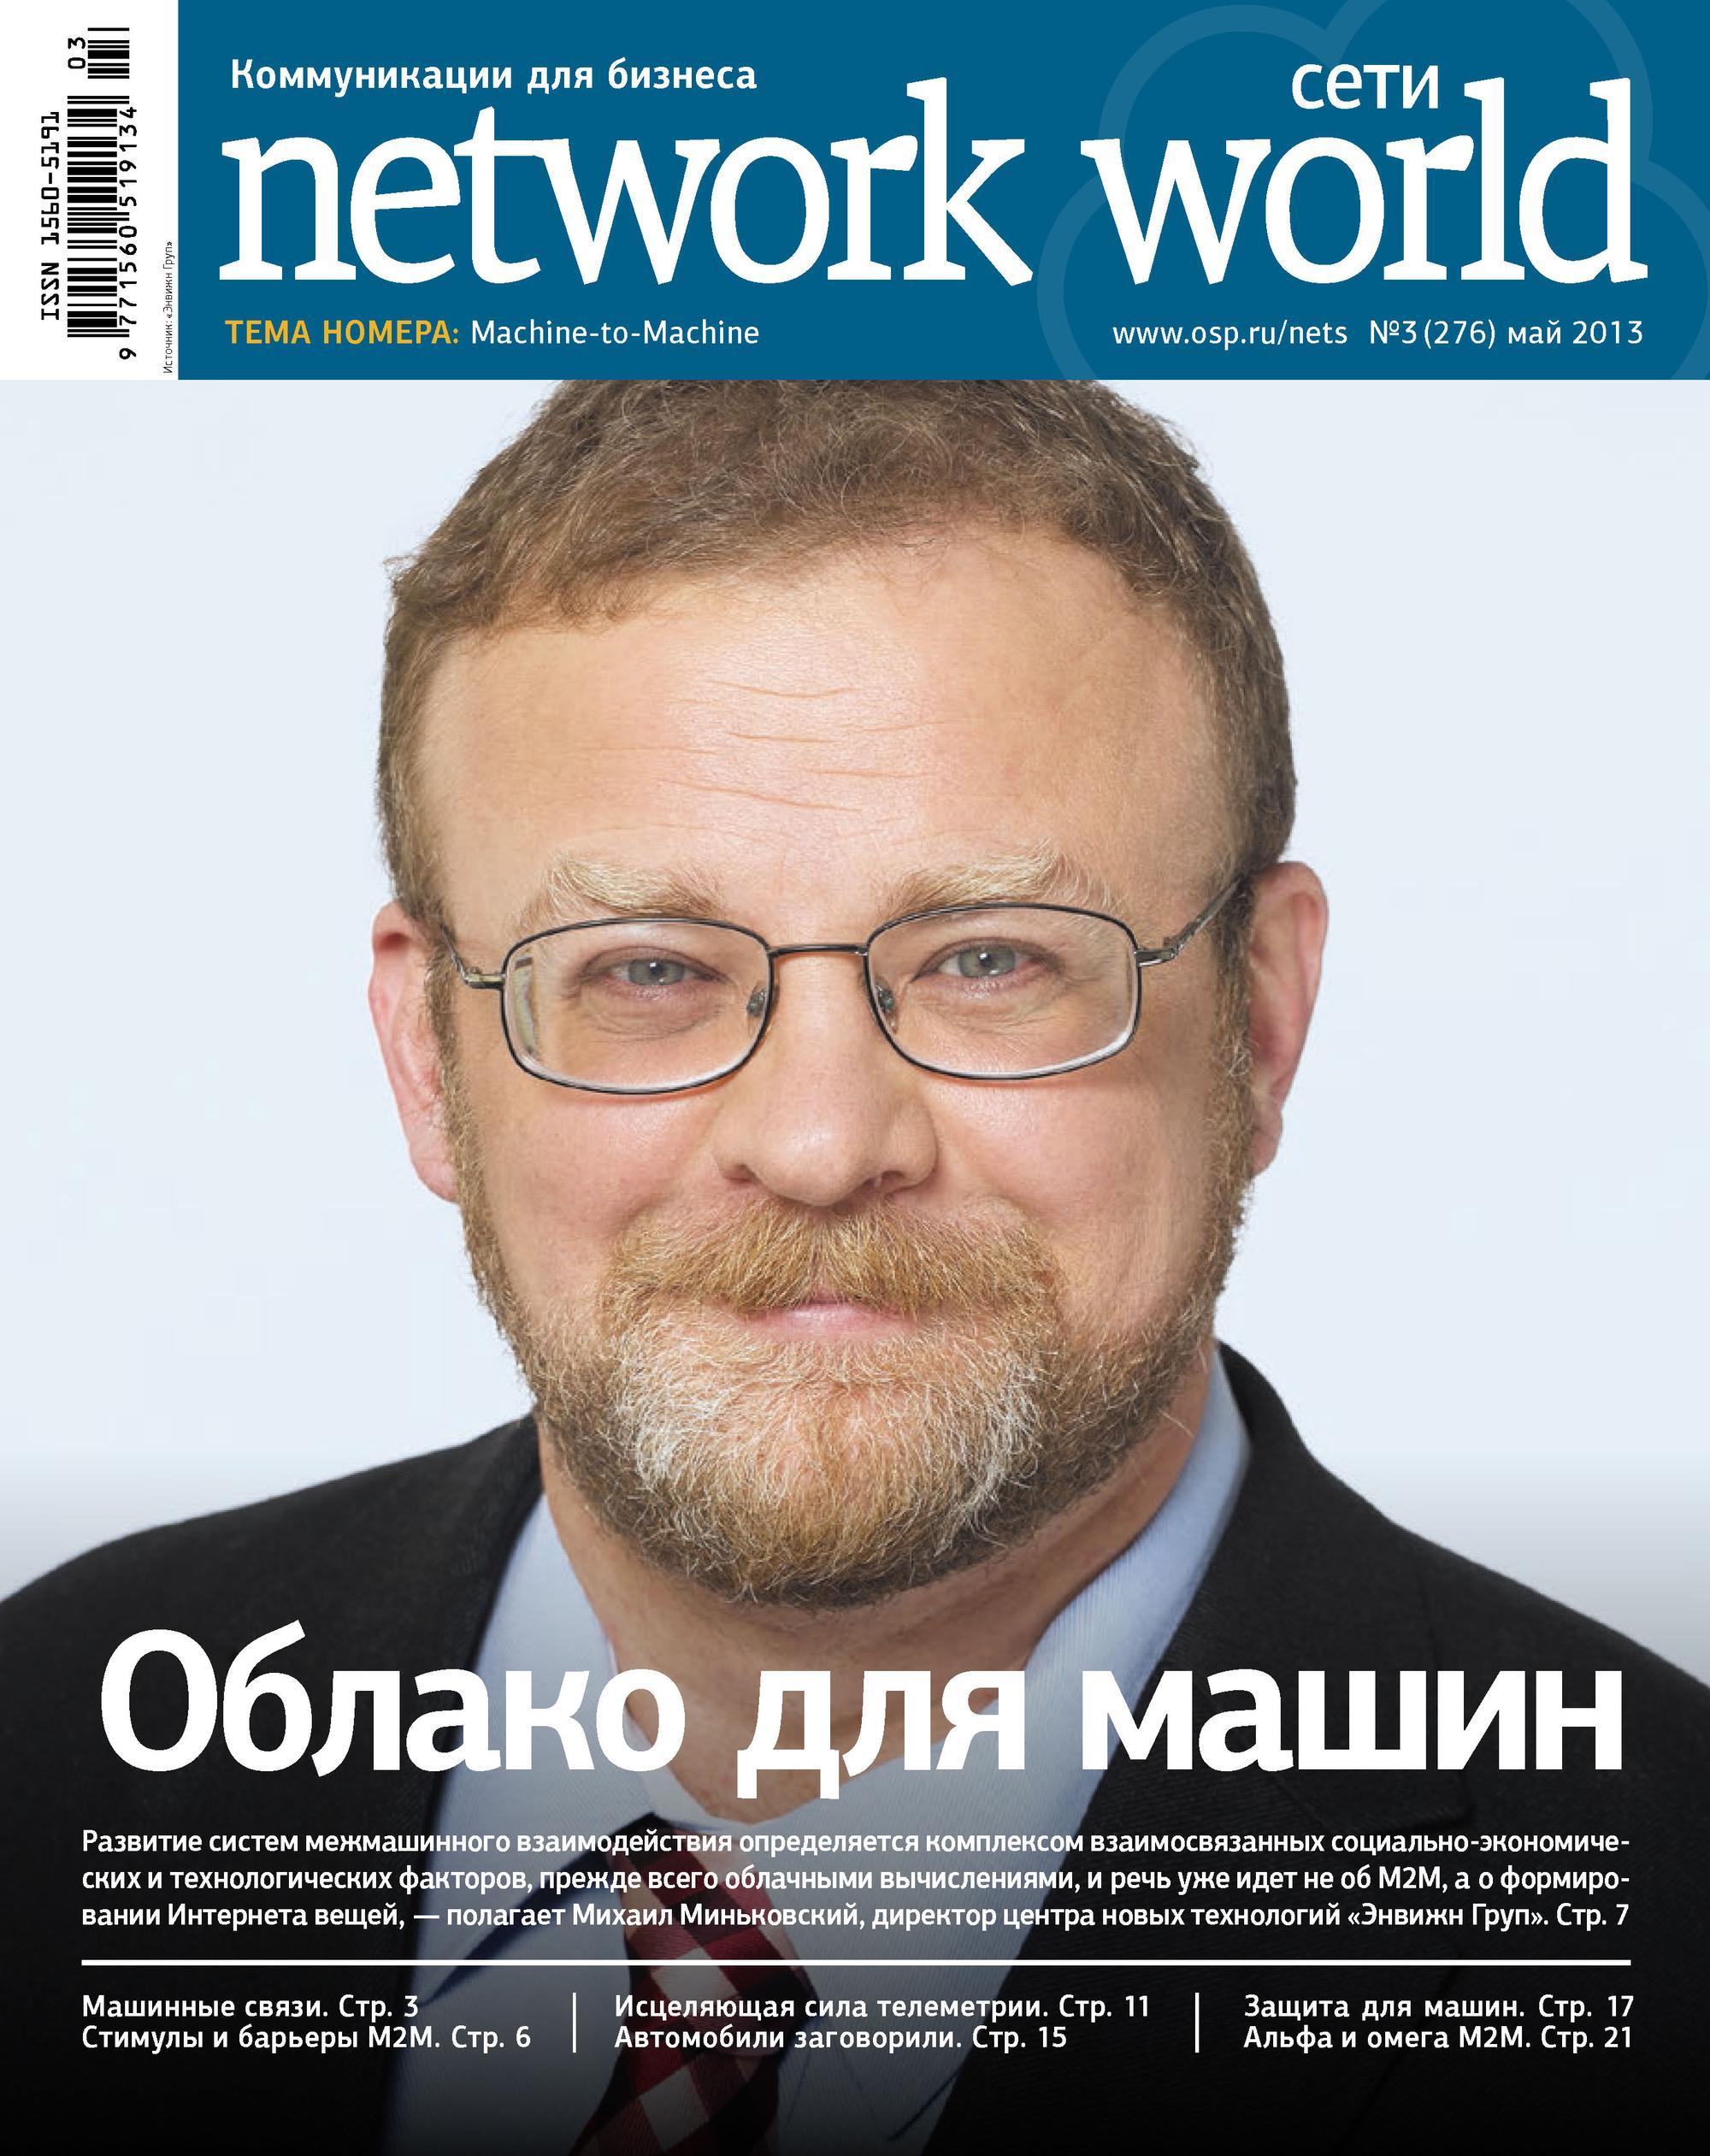 Открытые системы Сети / Network World №03/2013 открытые системы сети network world 02 2011